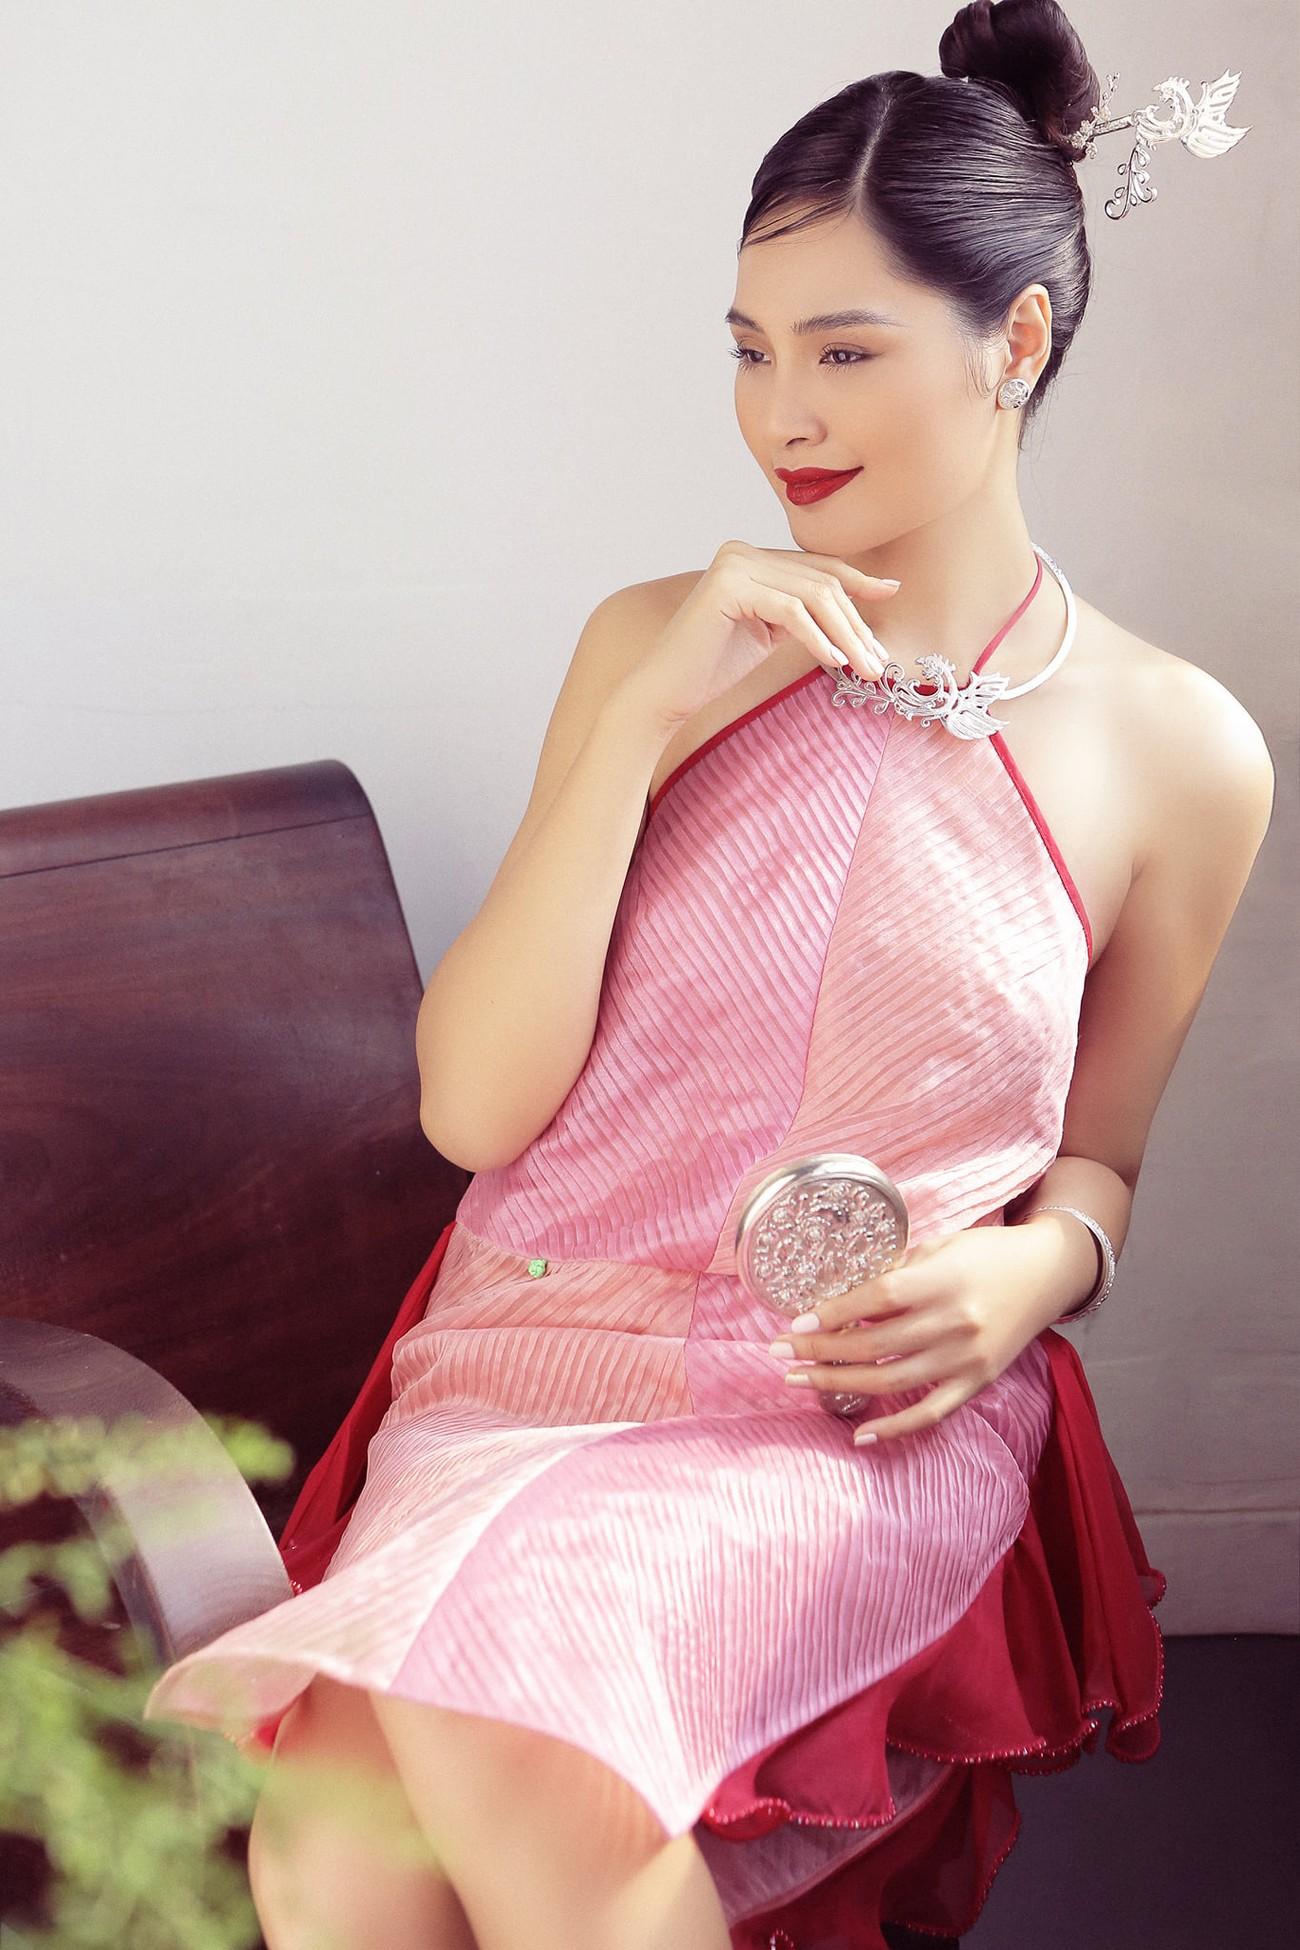 """""""Hoa hậu đẹp nhất châu Á 2009"""" Hương Giang đẹp gợi cảm hút hồn sau 11 năm kết hôn ảnh 5"""